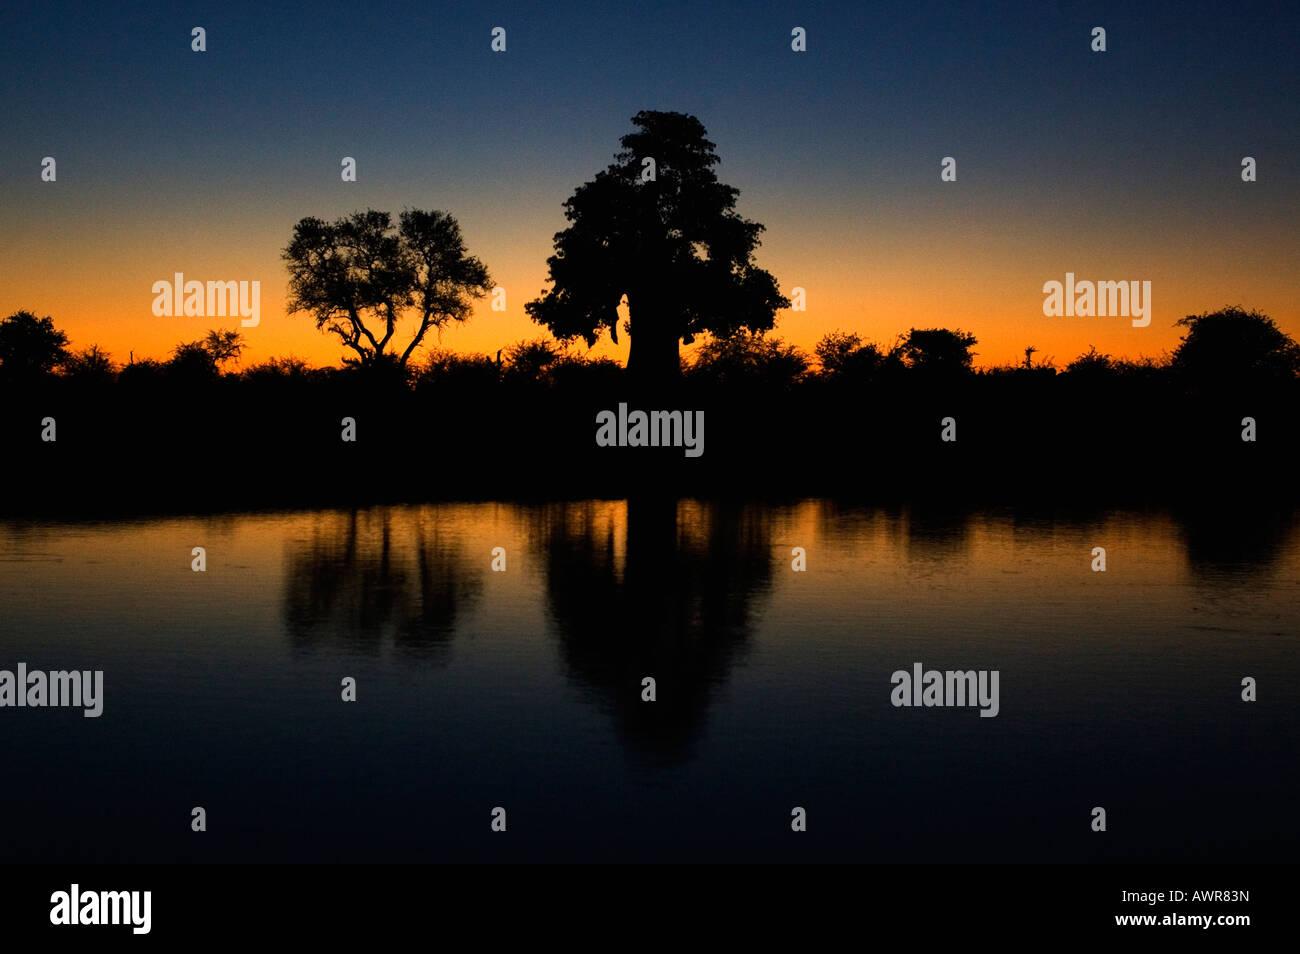 Silhouette di un baobab (centro), Adansonia digitata, refelcted in corrispondenza di un foro di irrigazione al tramonto Immagini Stock